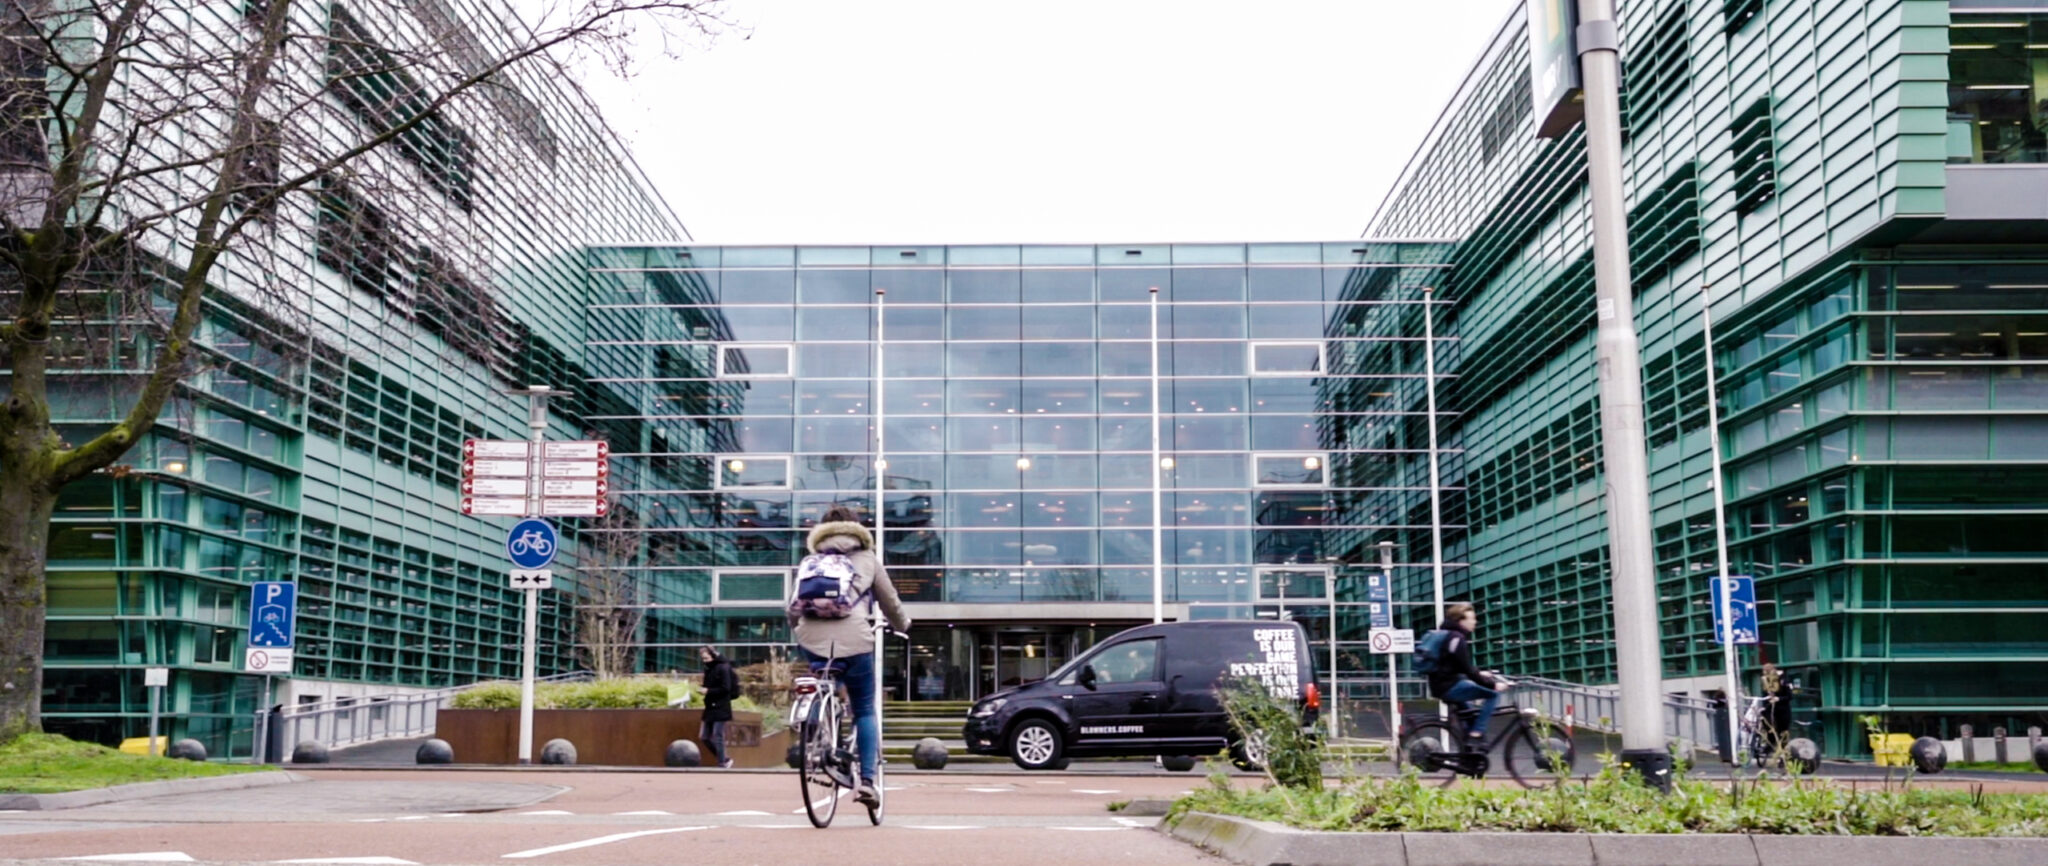 Blommers in Universiteit Nijmegen